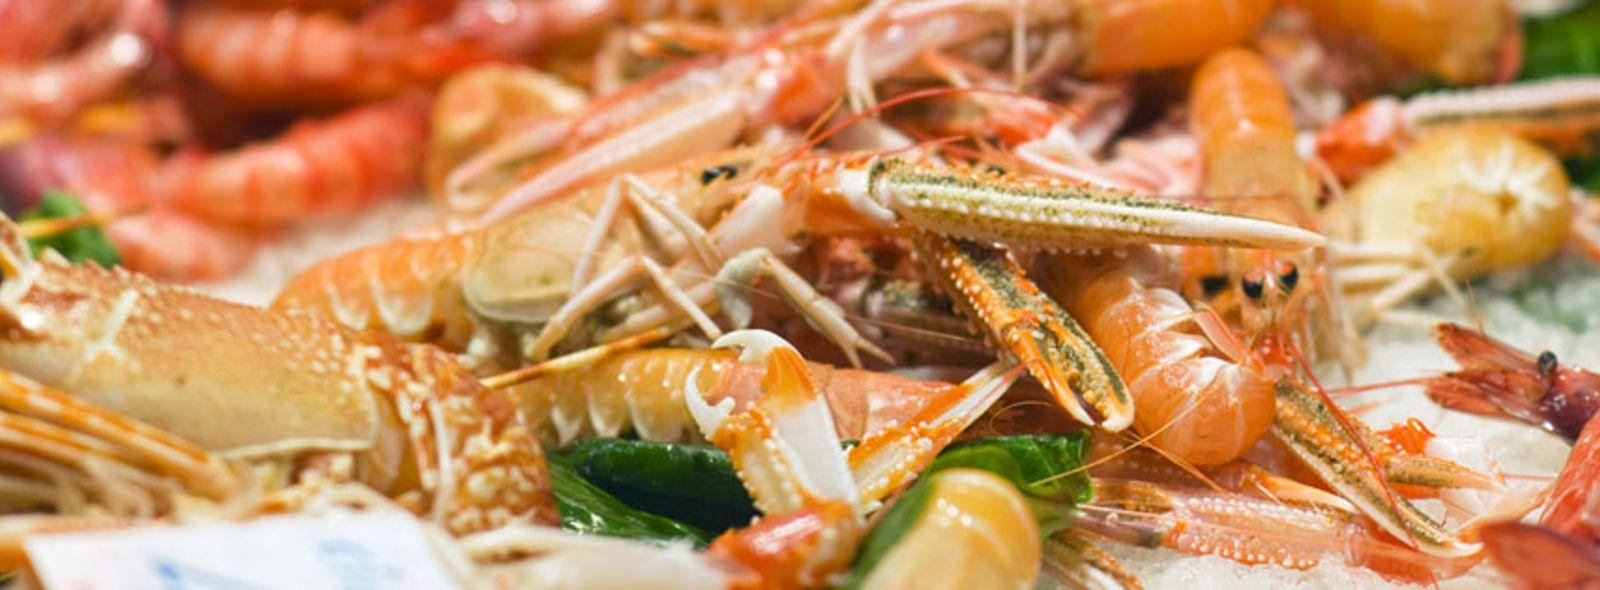 Dove comprare pesce fresco e molluschi a Milano?